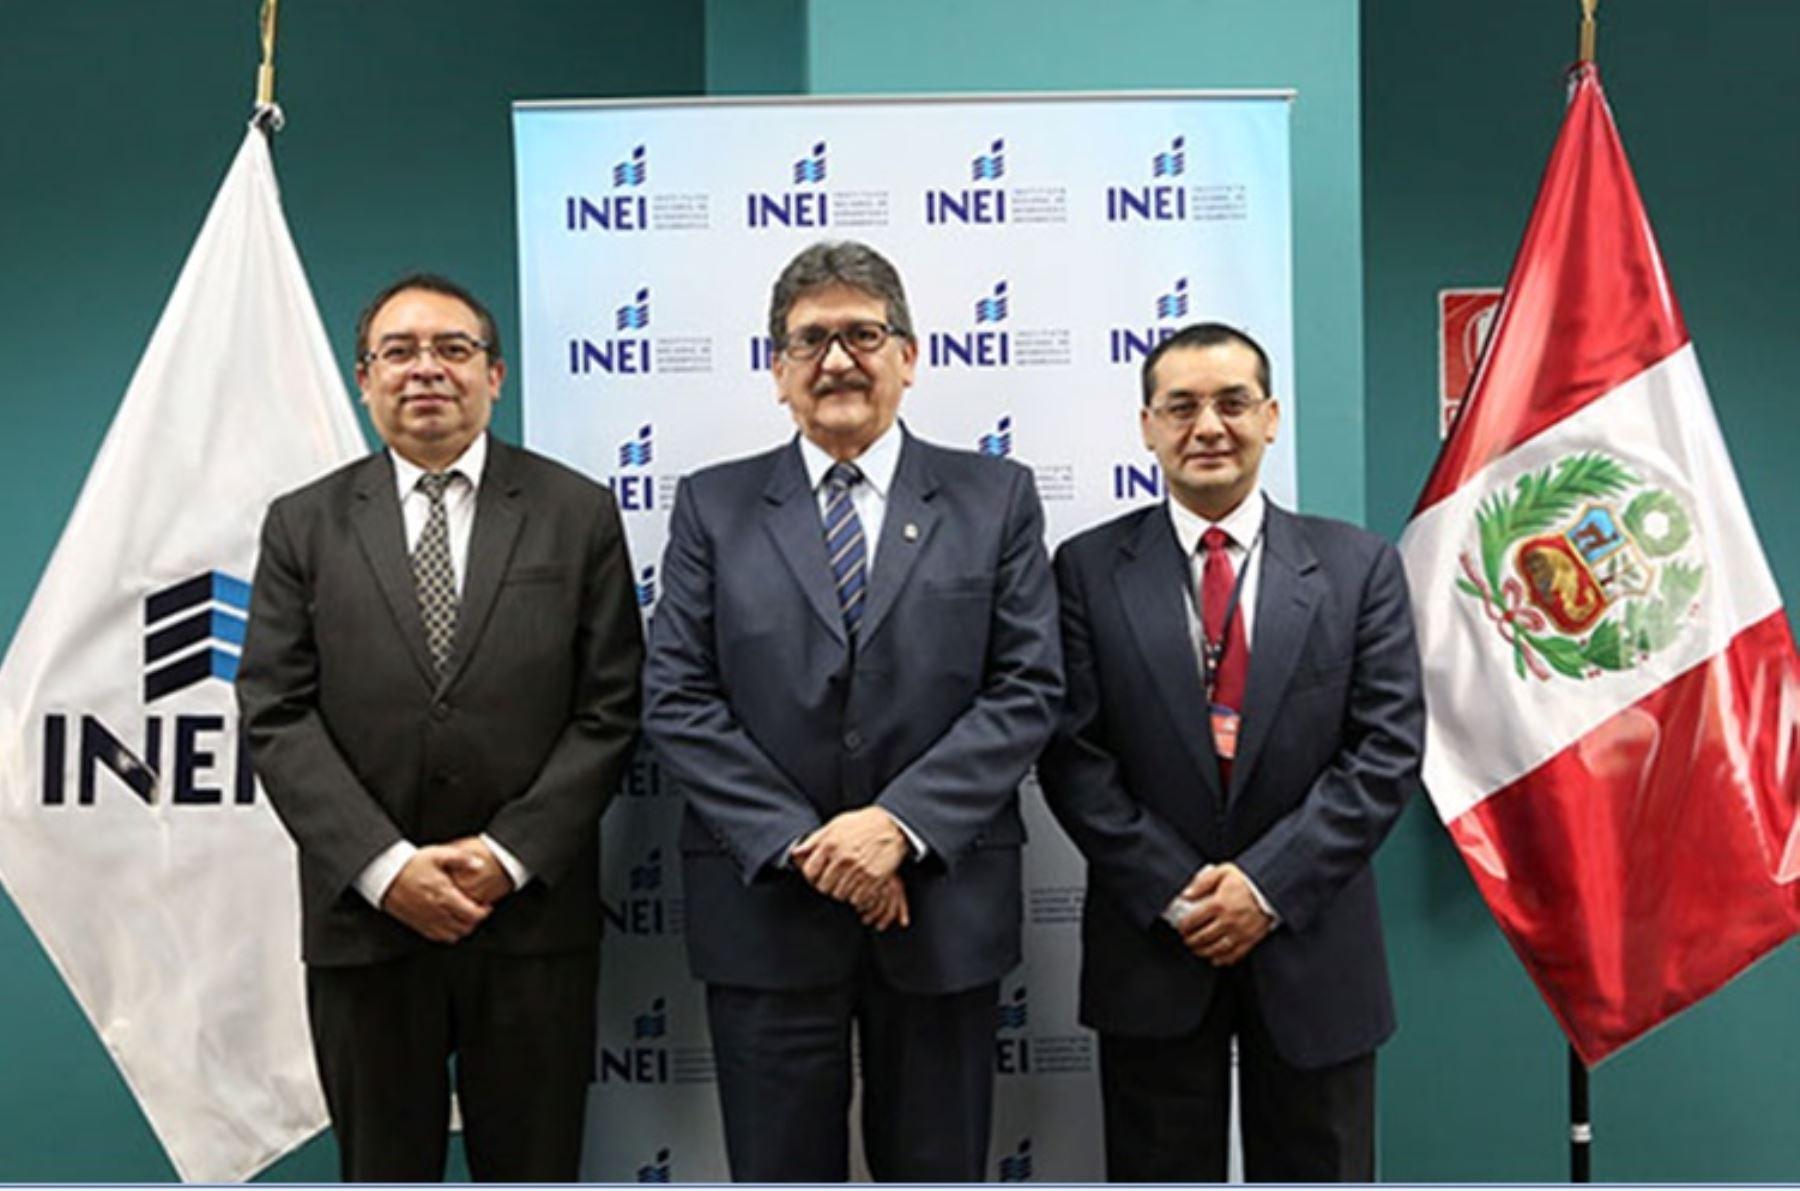 Director de la oficina de cooperación técnica, Peter Abad; jefe del INEI,Francisco Costa; y el coordinador del REDATAM del Celade, Lenin Aguinaga. Foto: Cortesía.